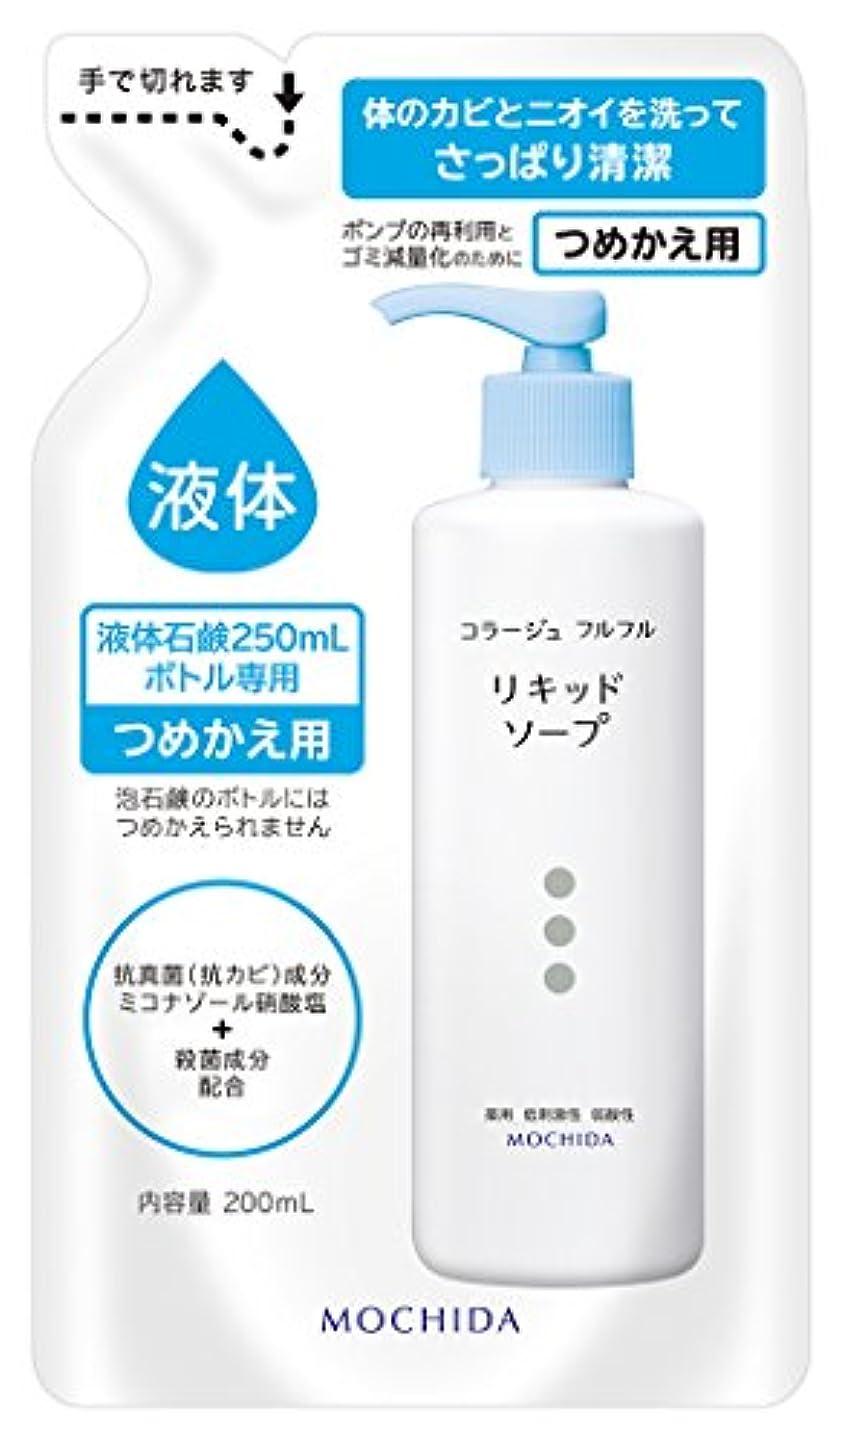 バレル発火する代数的コラージュフルフル 液体石鹸 (つめかえ用) 200mL (医薬部外品)